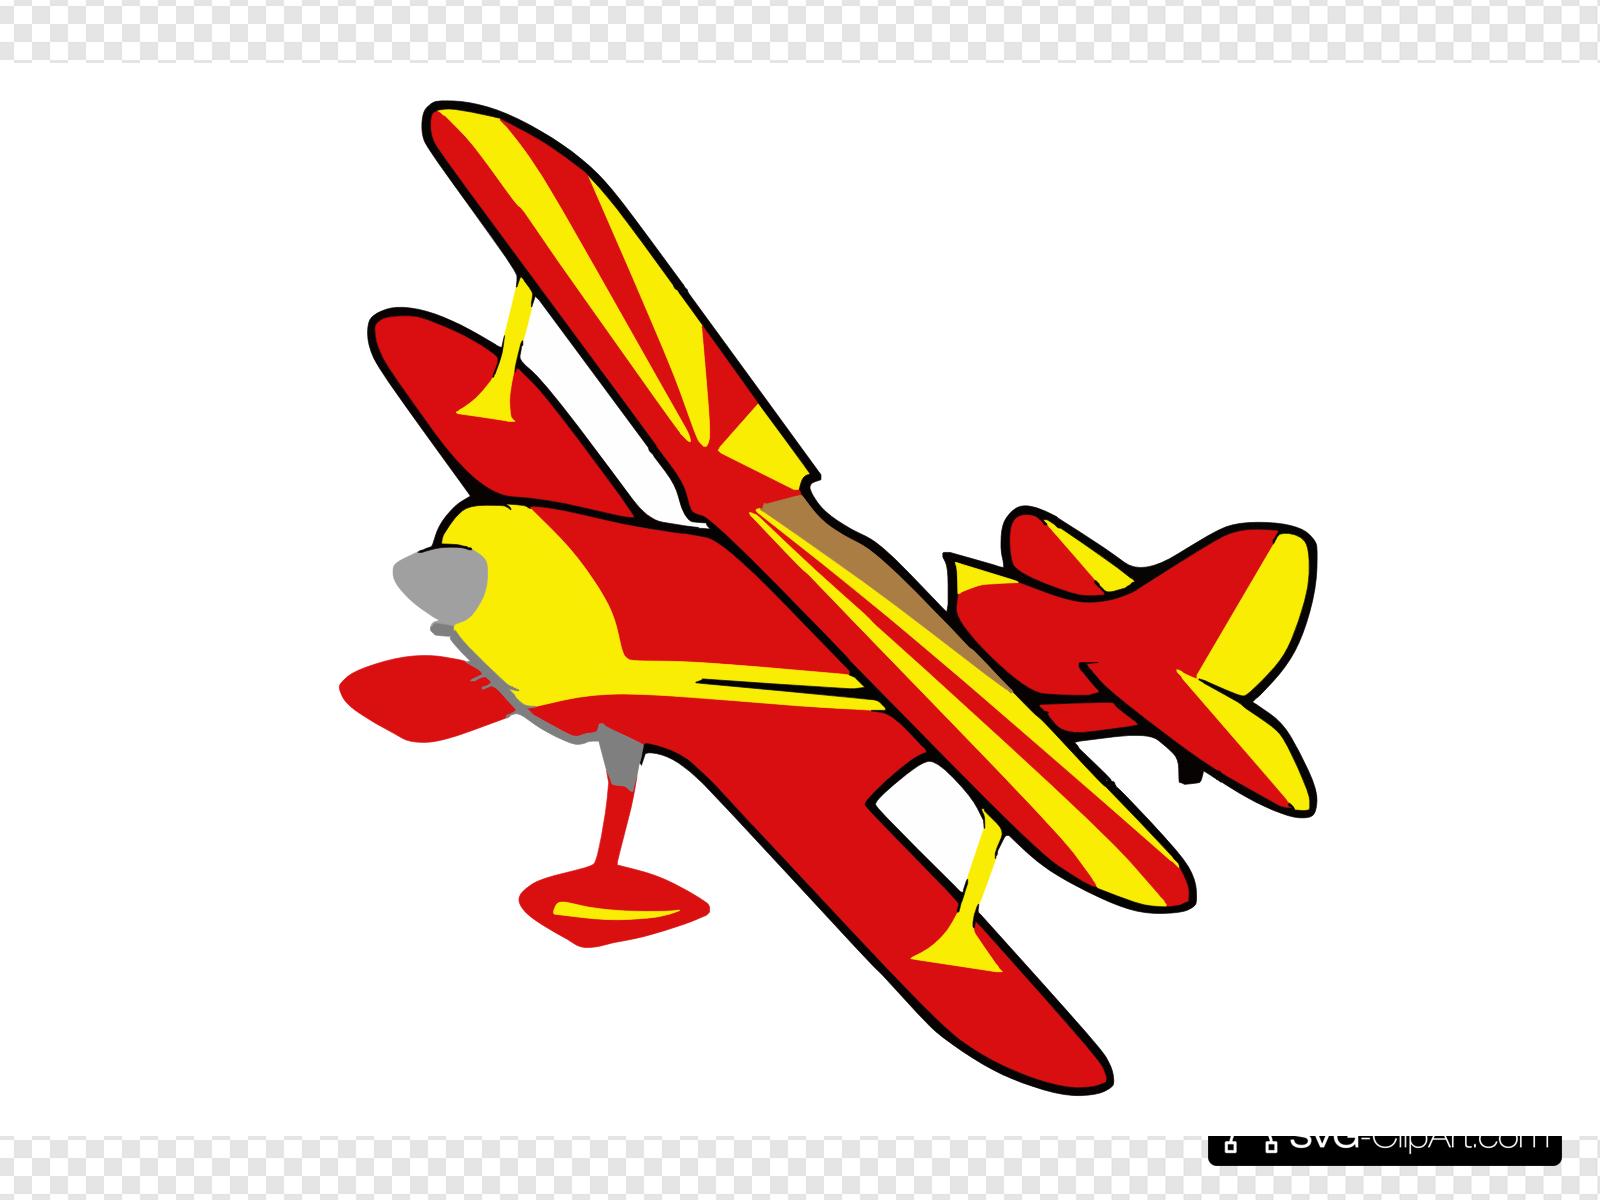 Biplane clipart svg. Red clip art icon